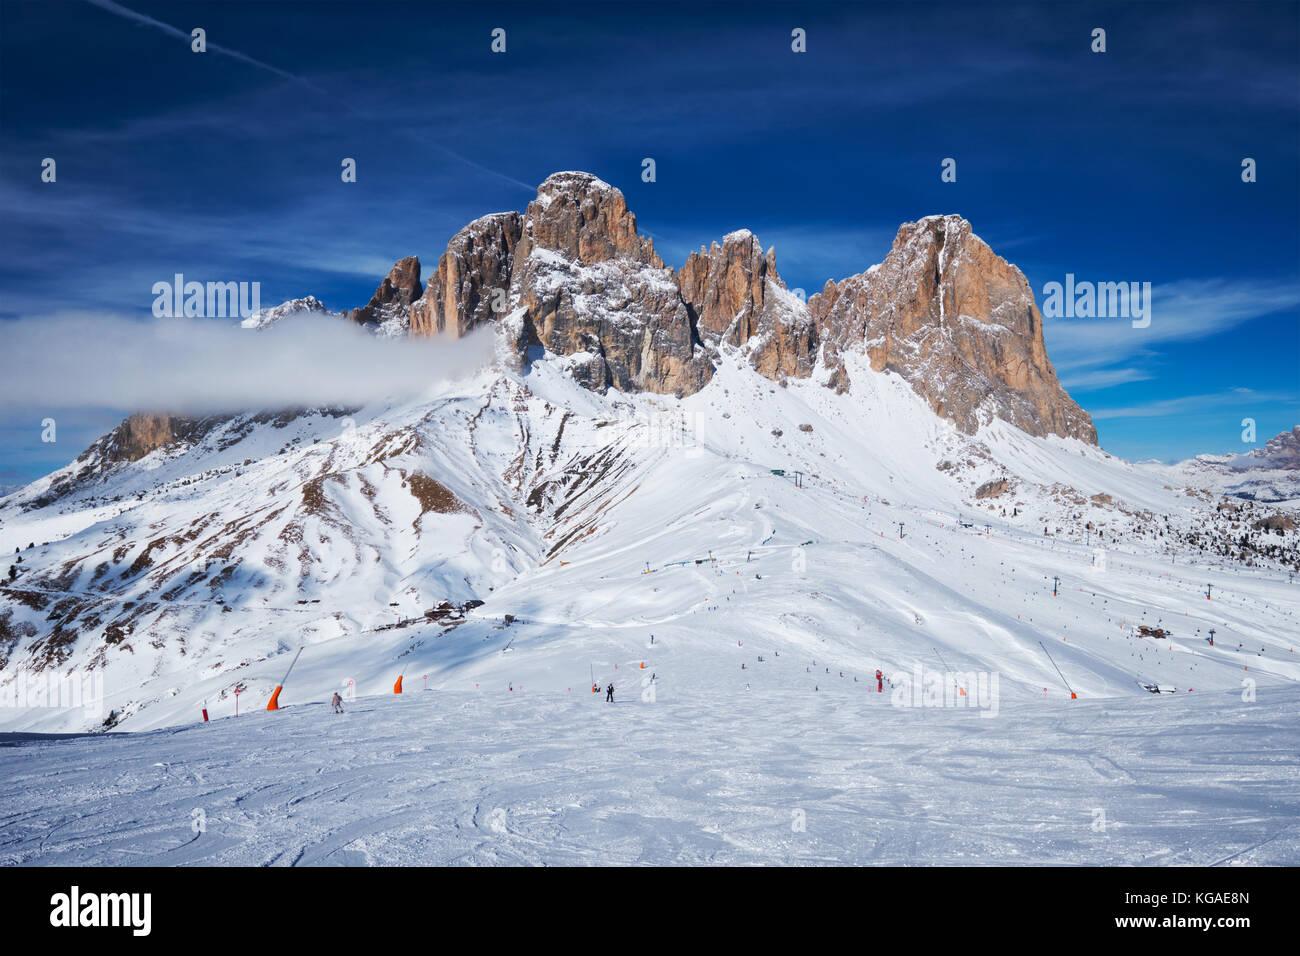 Ski resort in Dolomites, Italy - Stock Image